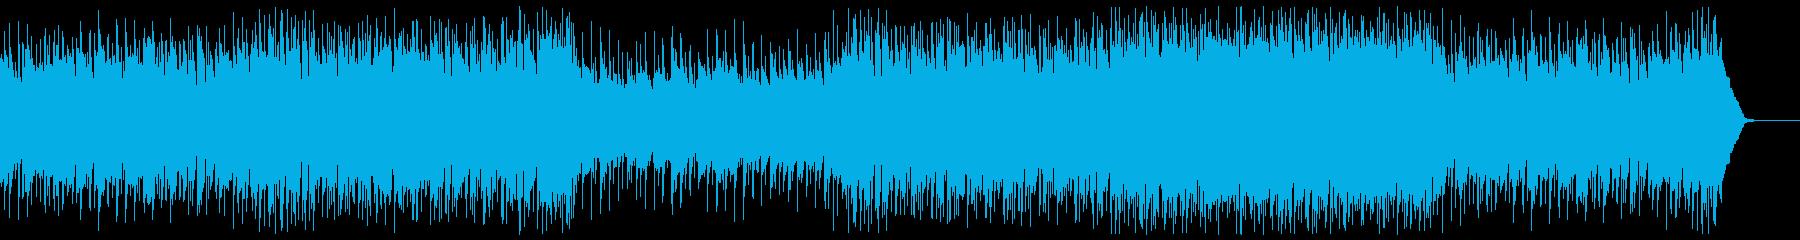 ほのぼのした日常・ウクレレポップの再生済みの波形